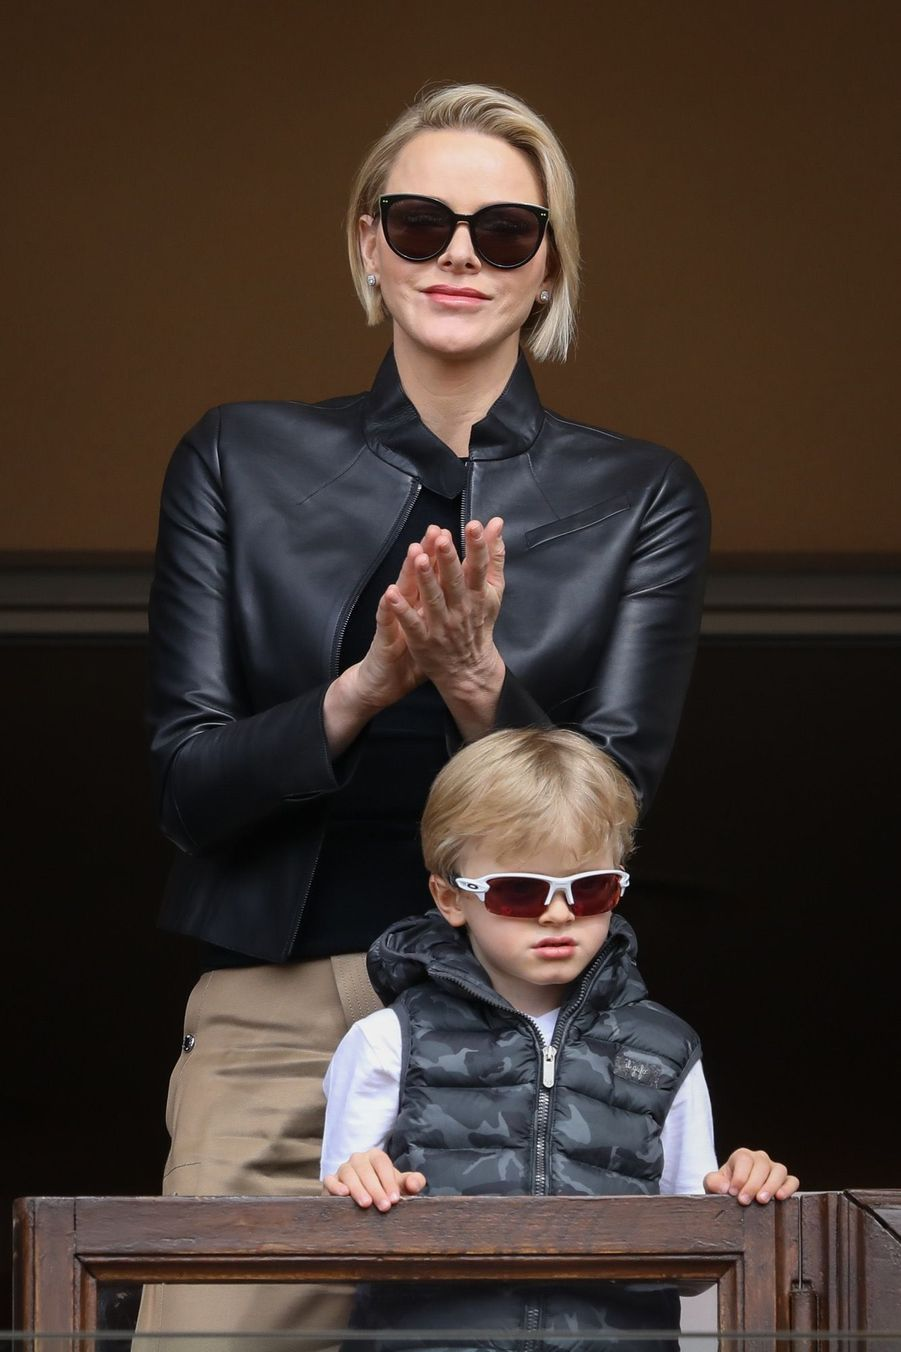 Le prince Albert II et la princesse Charlène de Monaco avec leurs enfants le prince Jacques de Monaco et la princesse Gabriella de Monaco lors de la 9ème édition du Tournoi Sainte Dévote de Rugby au Stade Louis II à Monaco, le 11 mai 2019.